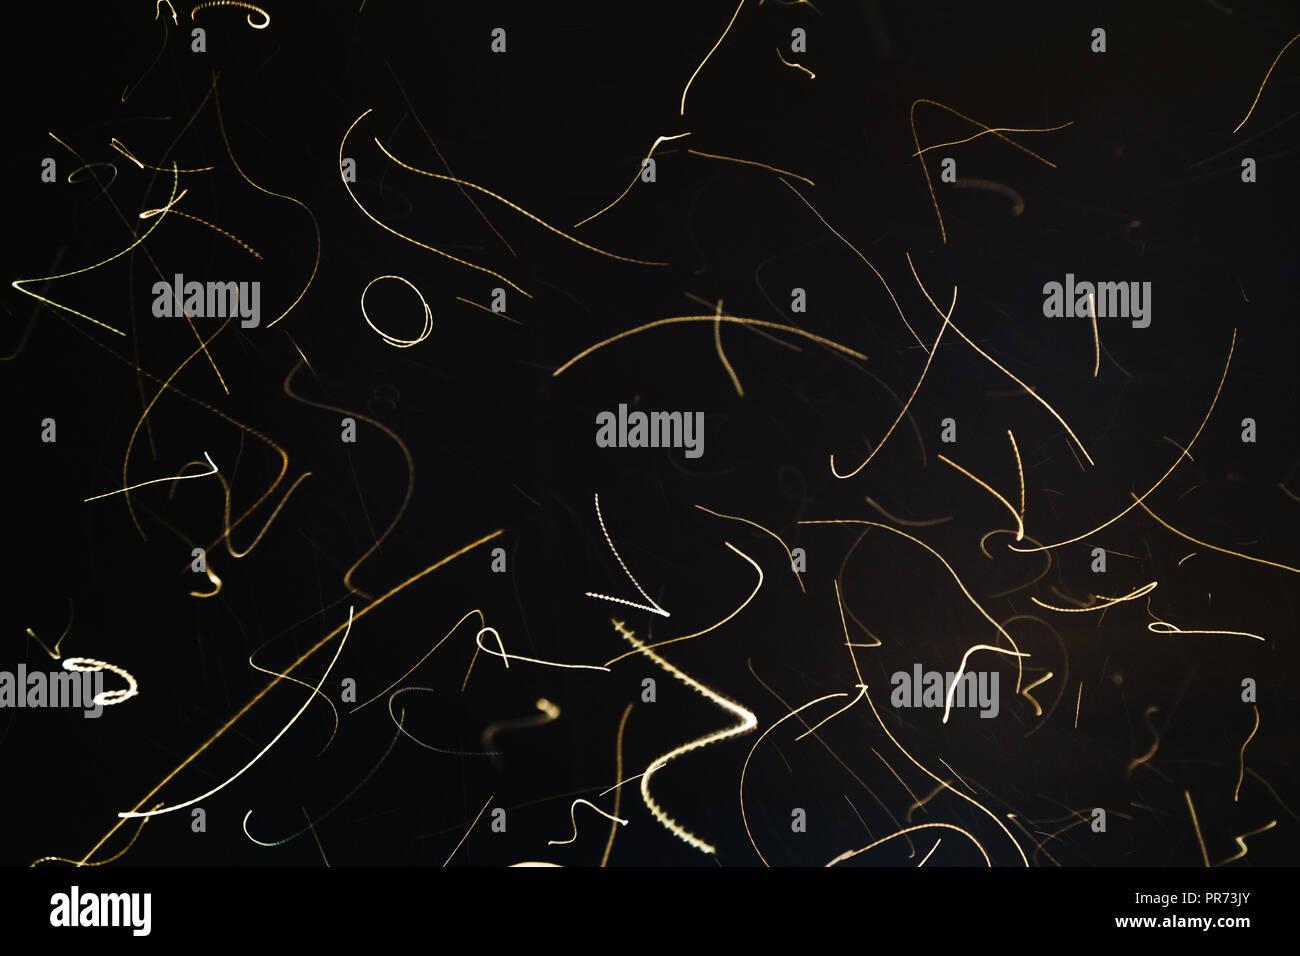 Una lunga esposizione immagine di falene volando verso una sorgente di luce Immagini Stock